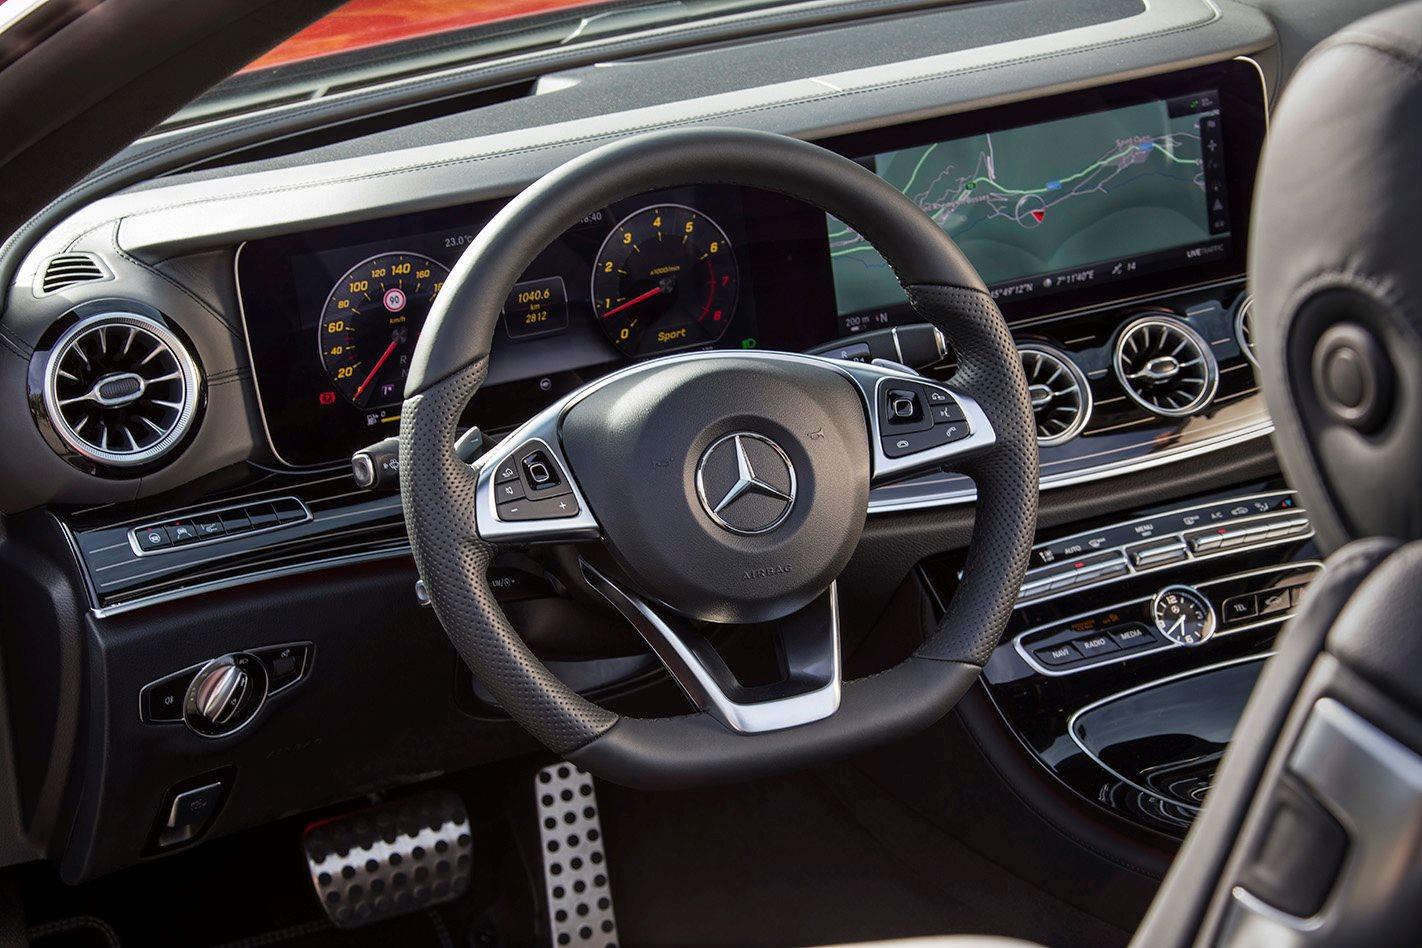 2018 mercedes benz e300. Delighful E300 With 2018 Mercedes Benz E300